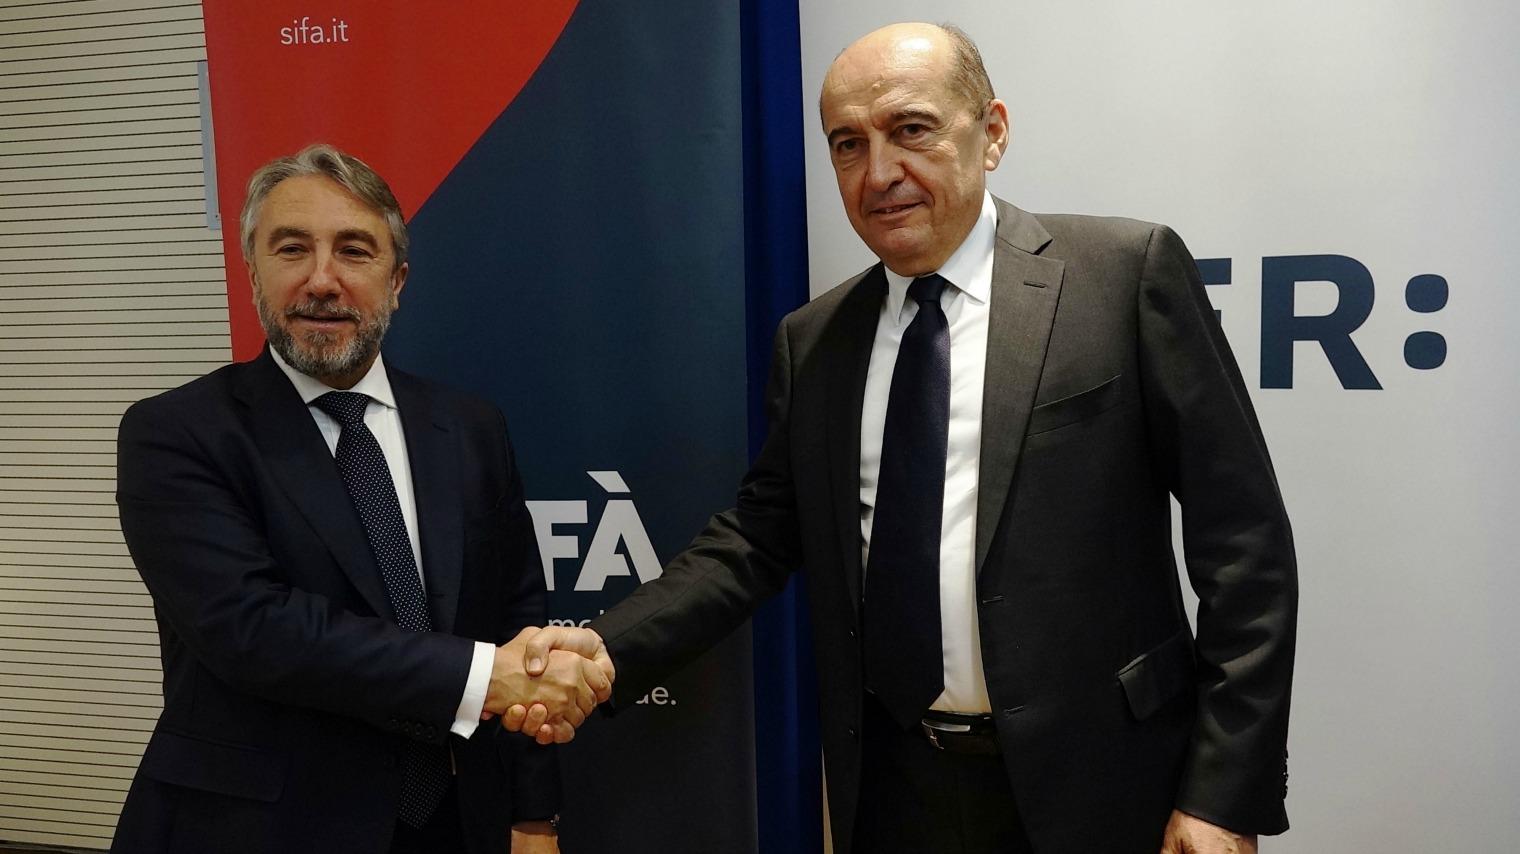 Sifà Bper Banca partnership